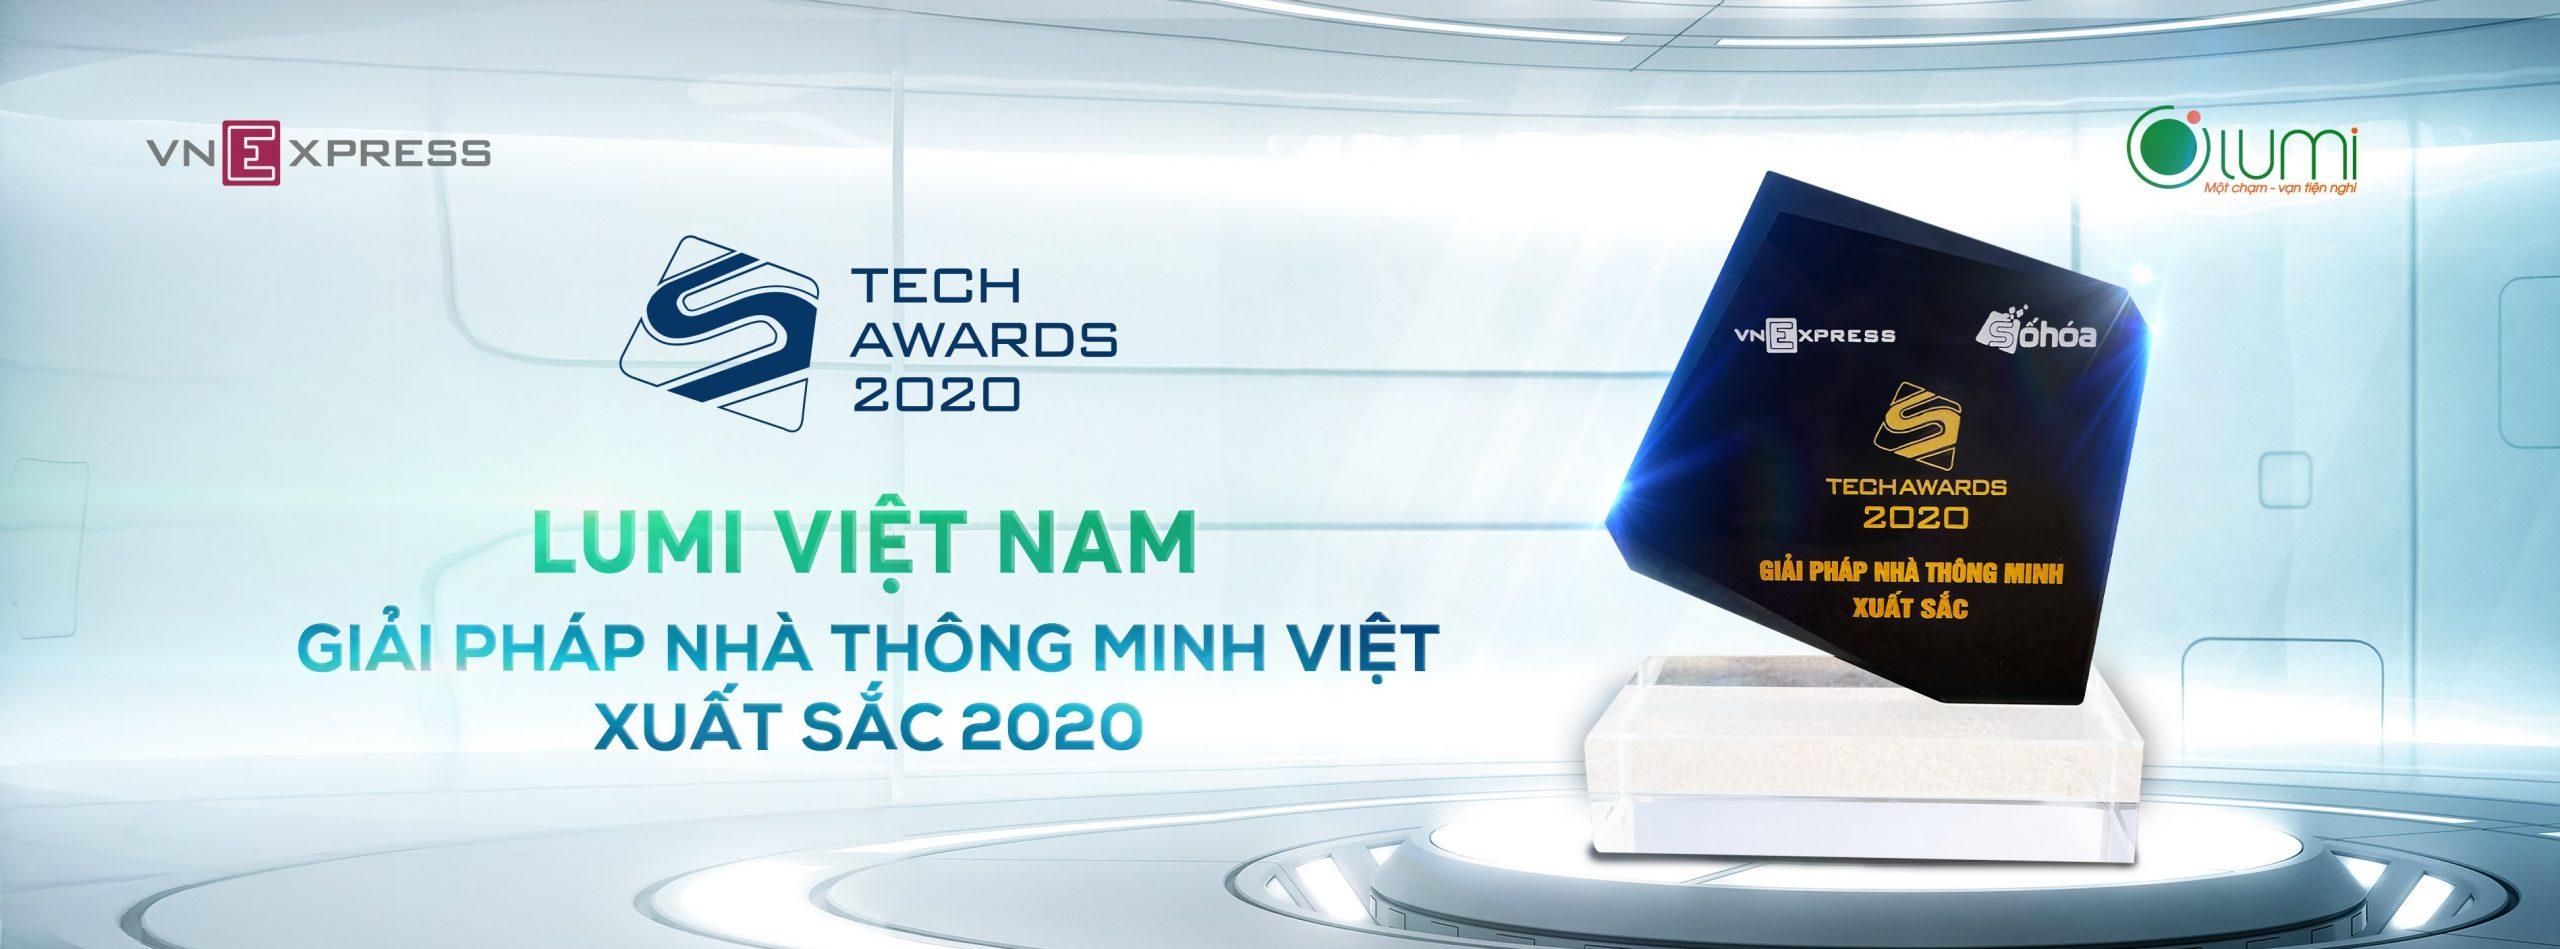 Lumi - Nhà thông minh xuất sắc Tech Award